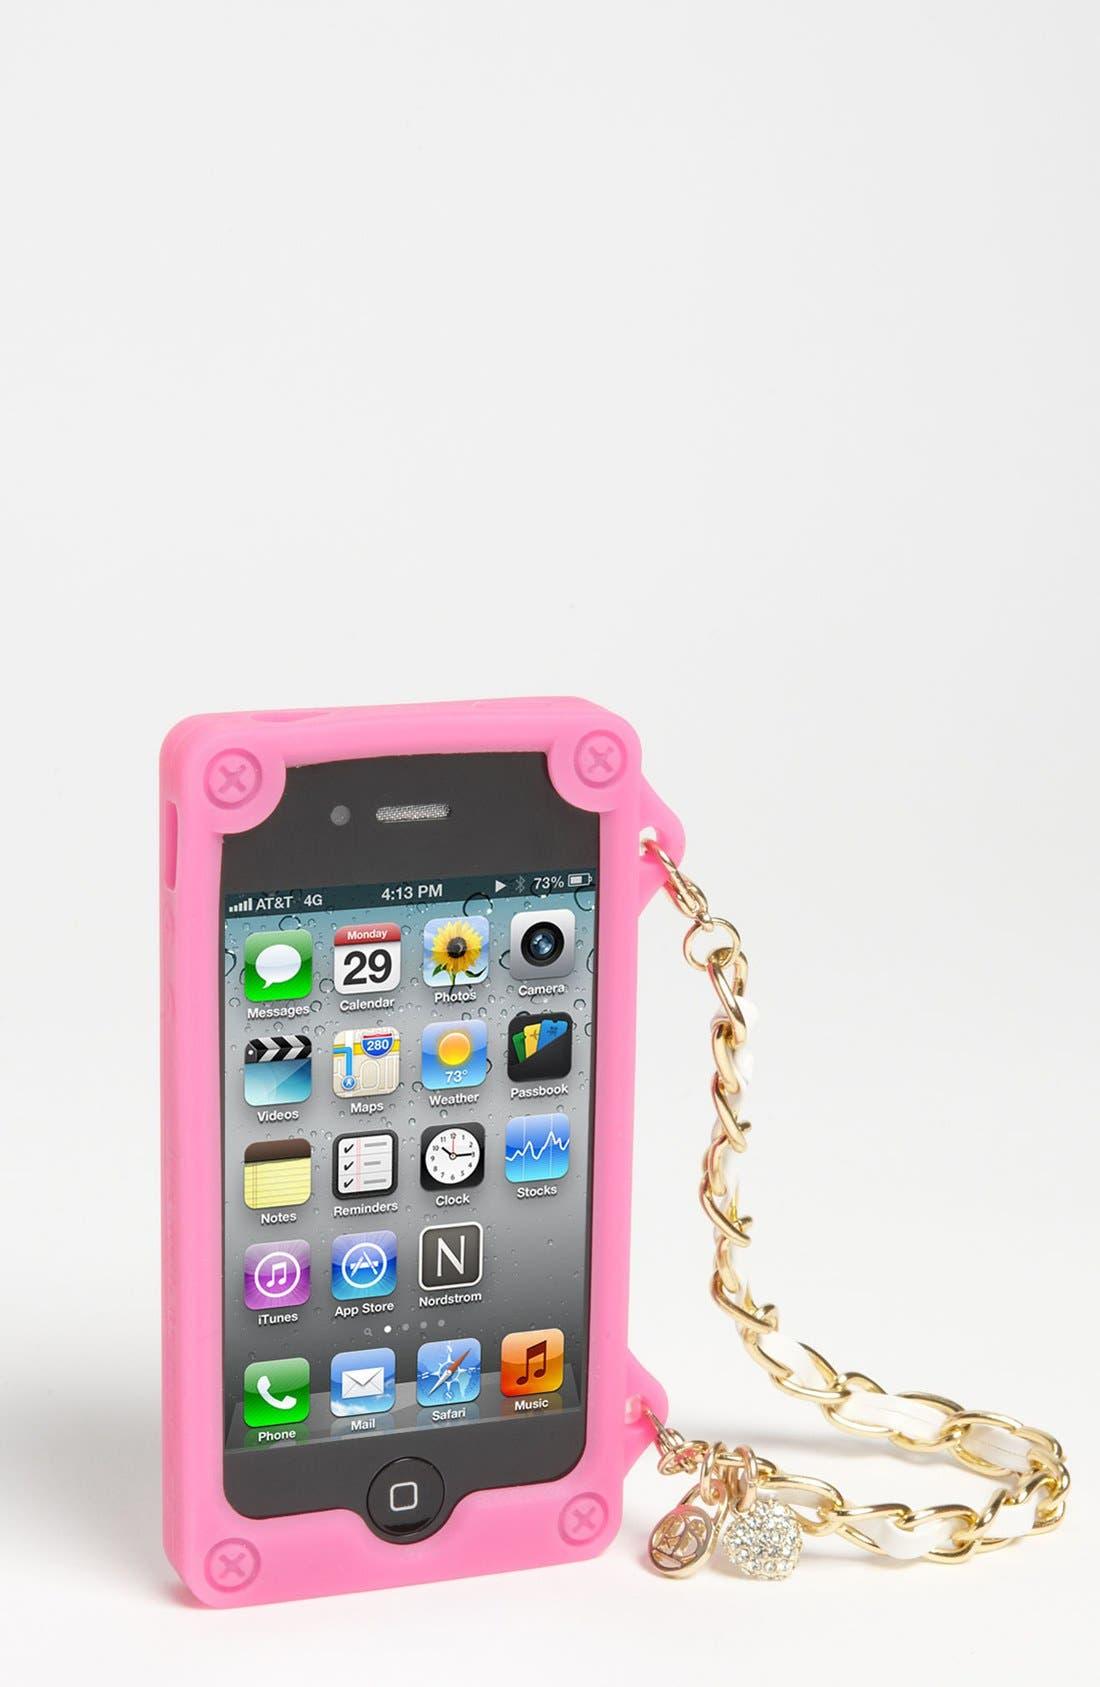 Main Image - Rolf Bleu iPhone 4 Case